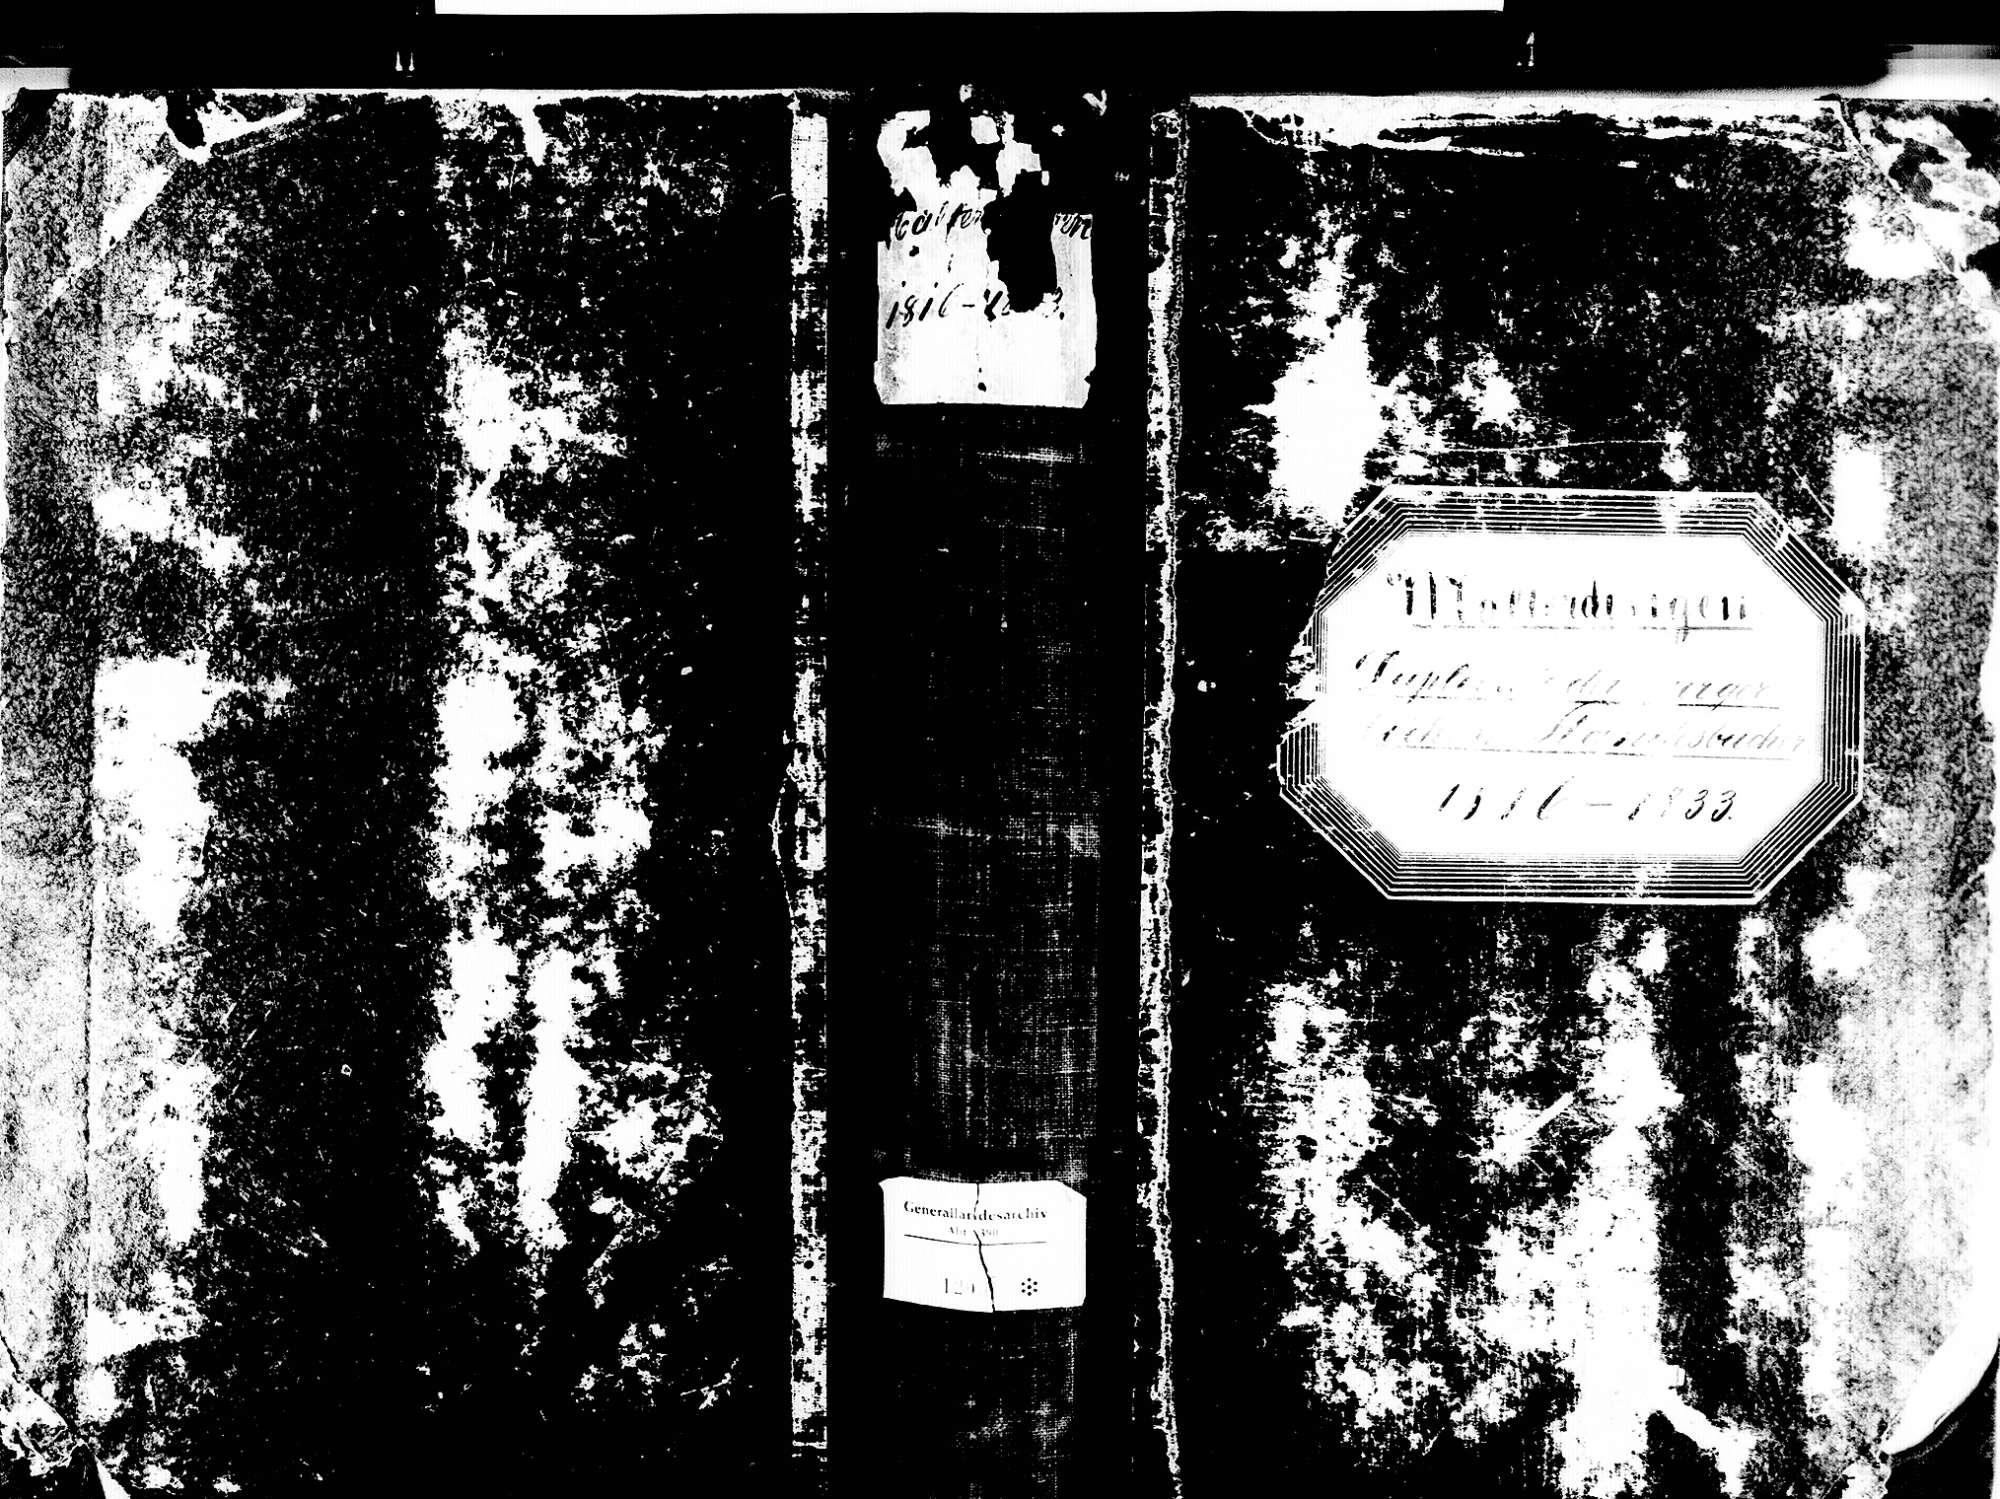 Malterdingen EM; Evangelische Gemeinde: Standesbuch 1816-1833 Enthält: Einzelne Katholische Einträge, Bild 1